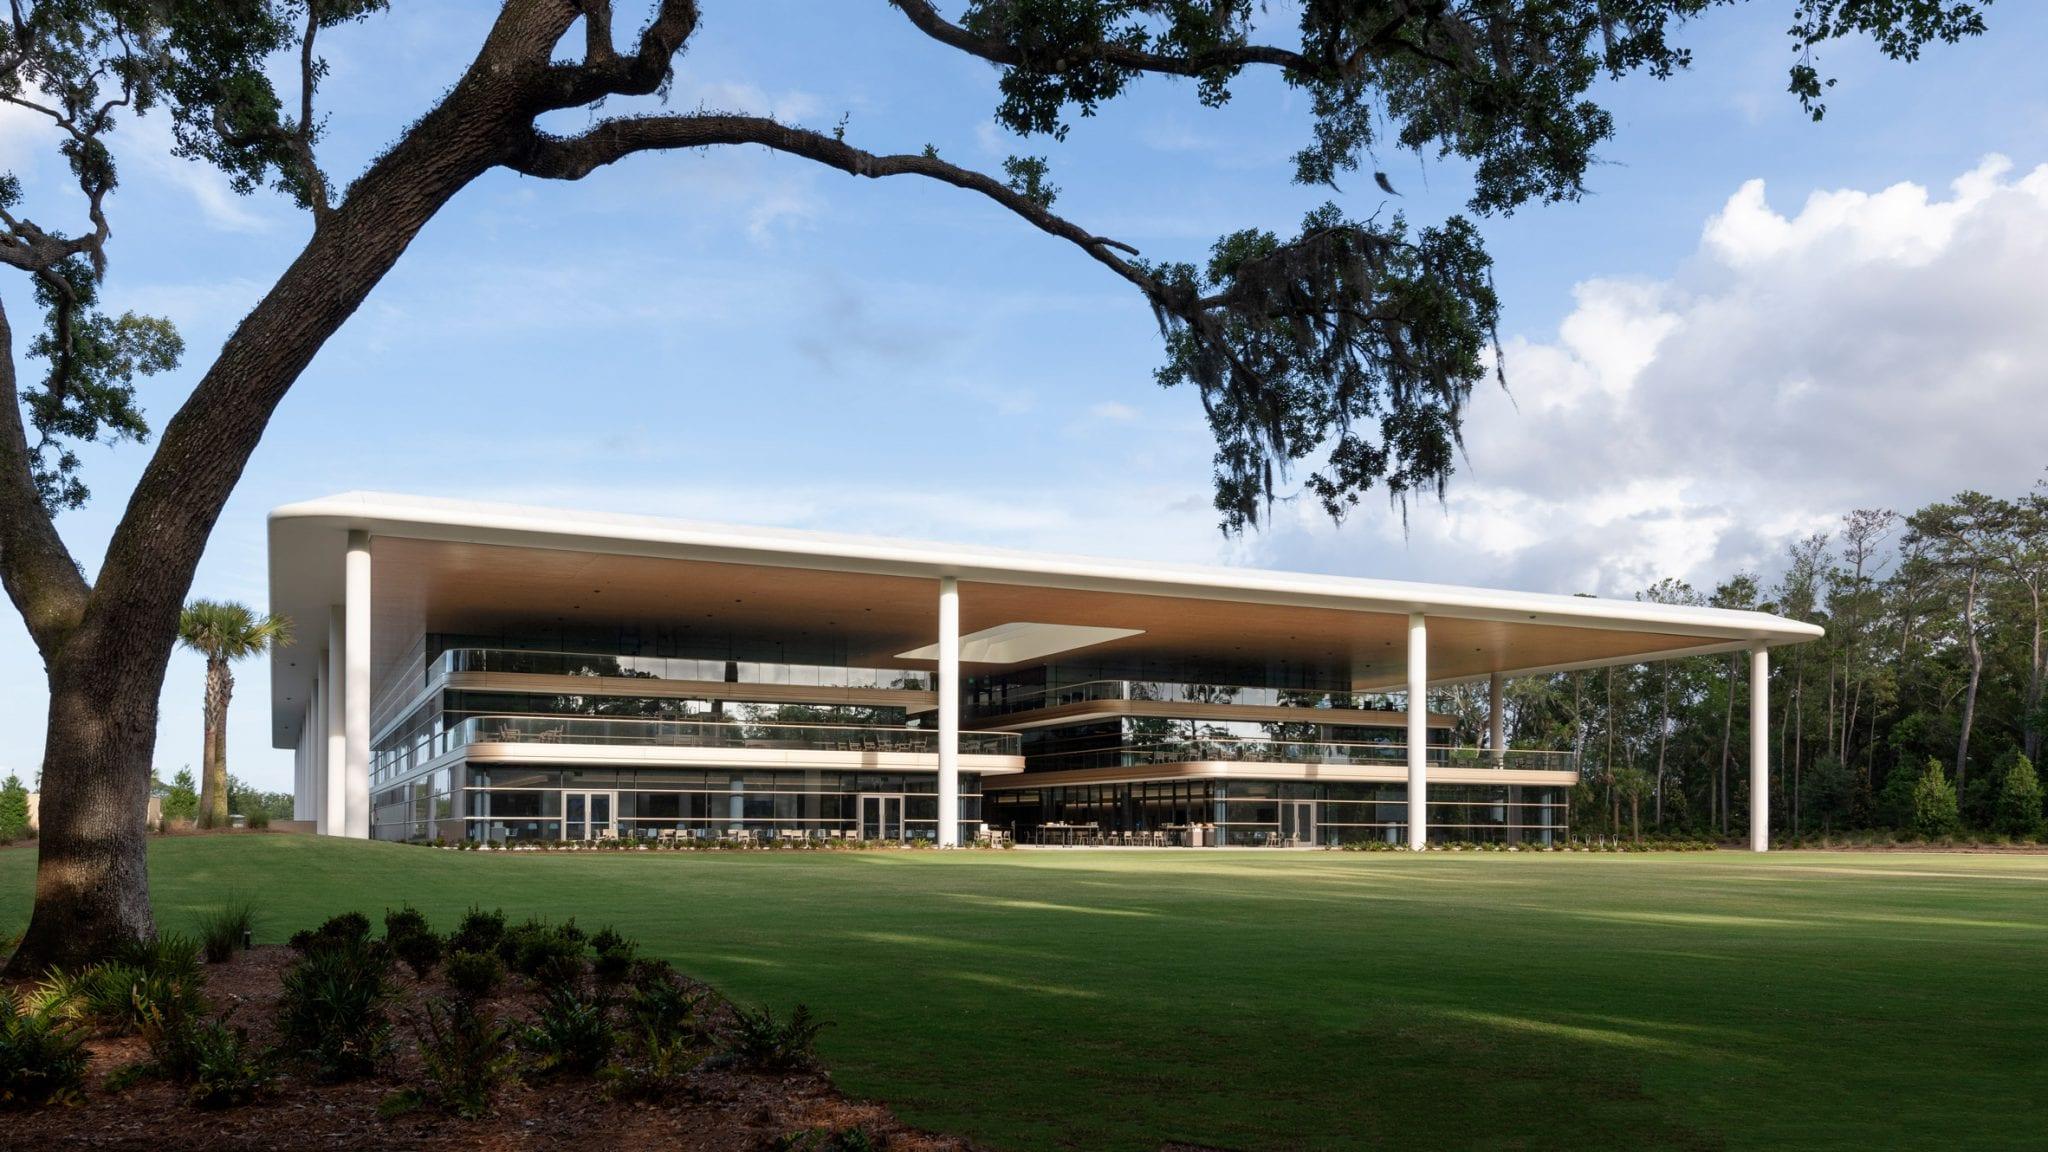 سقف بیش از حد بزرگ در بالای PGA Tour